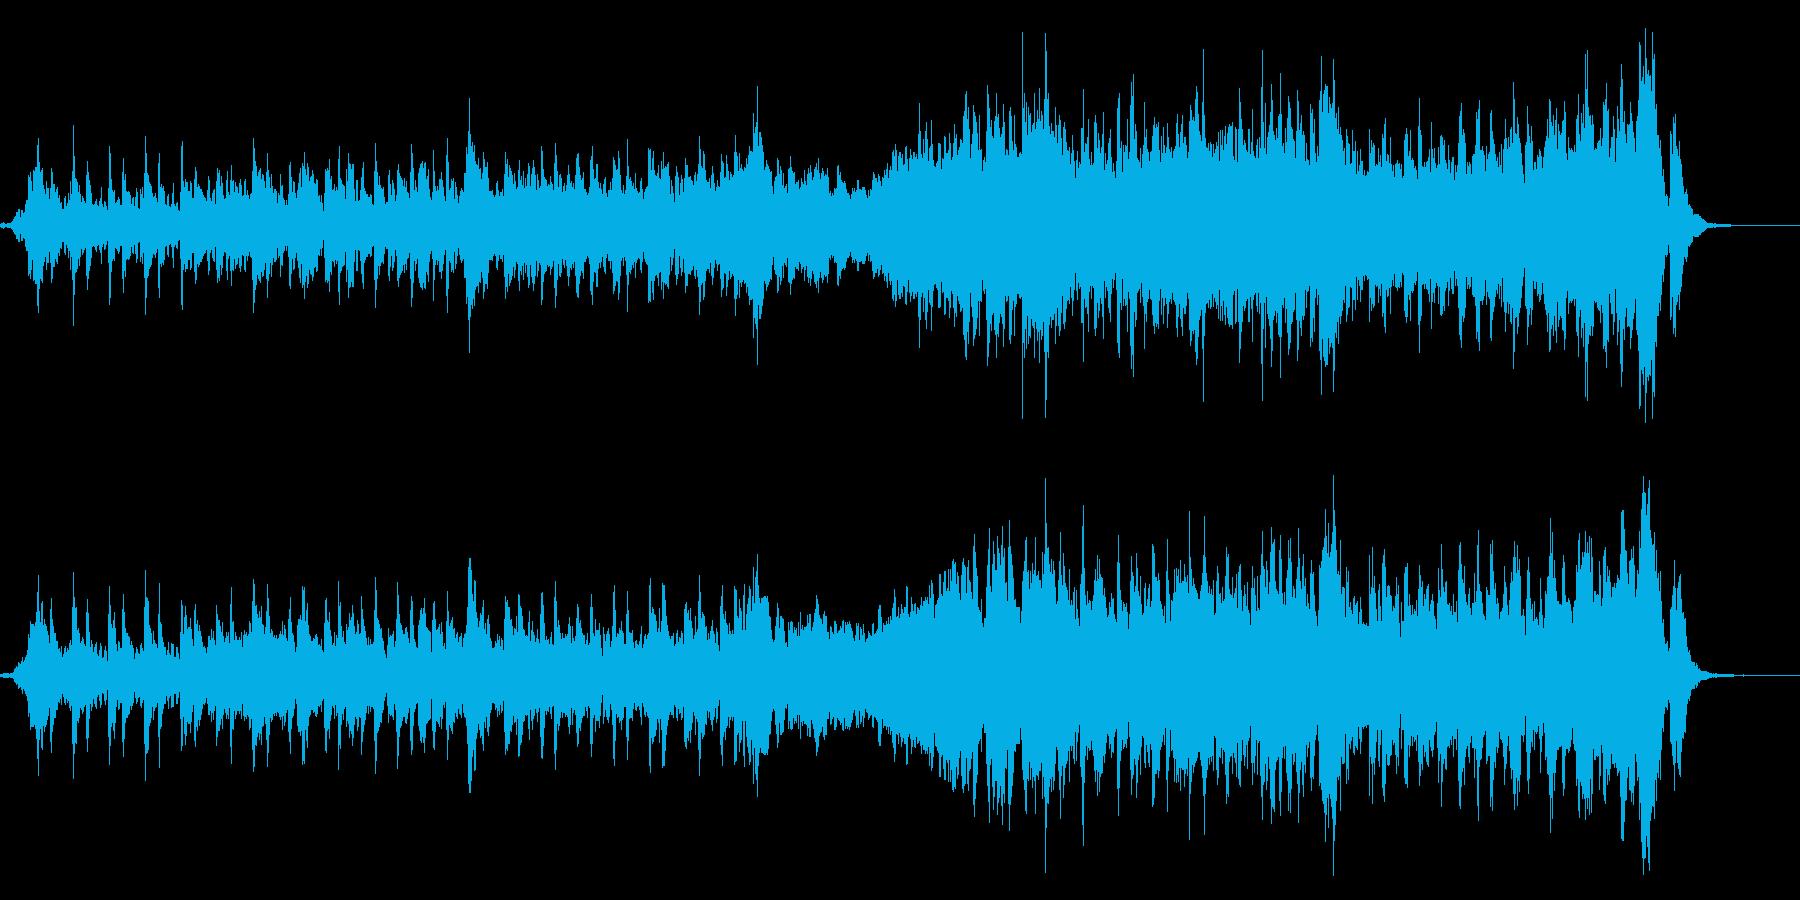 わくわくするオープニング系オーケストラの再生済みの波形